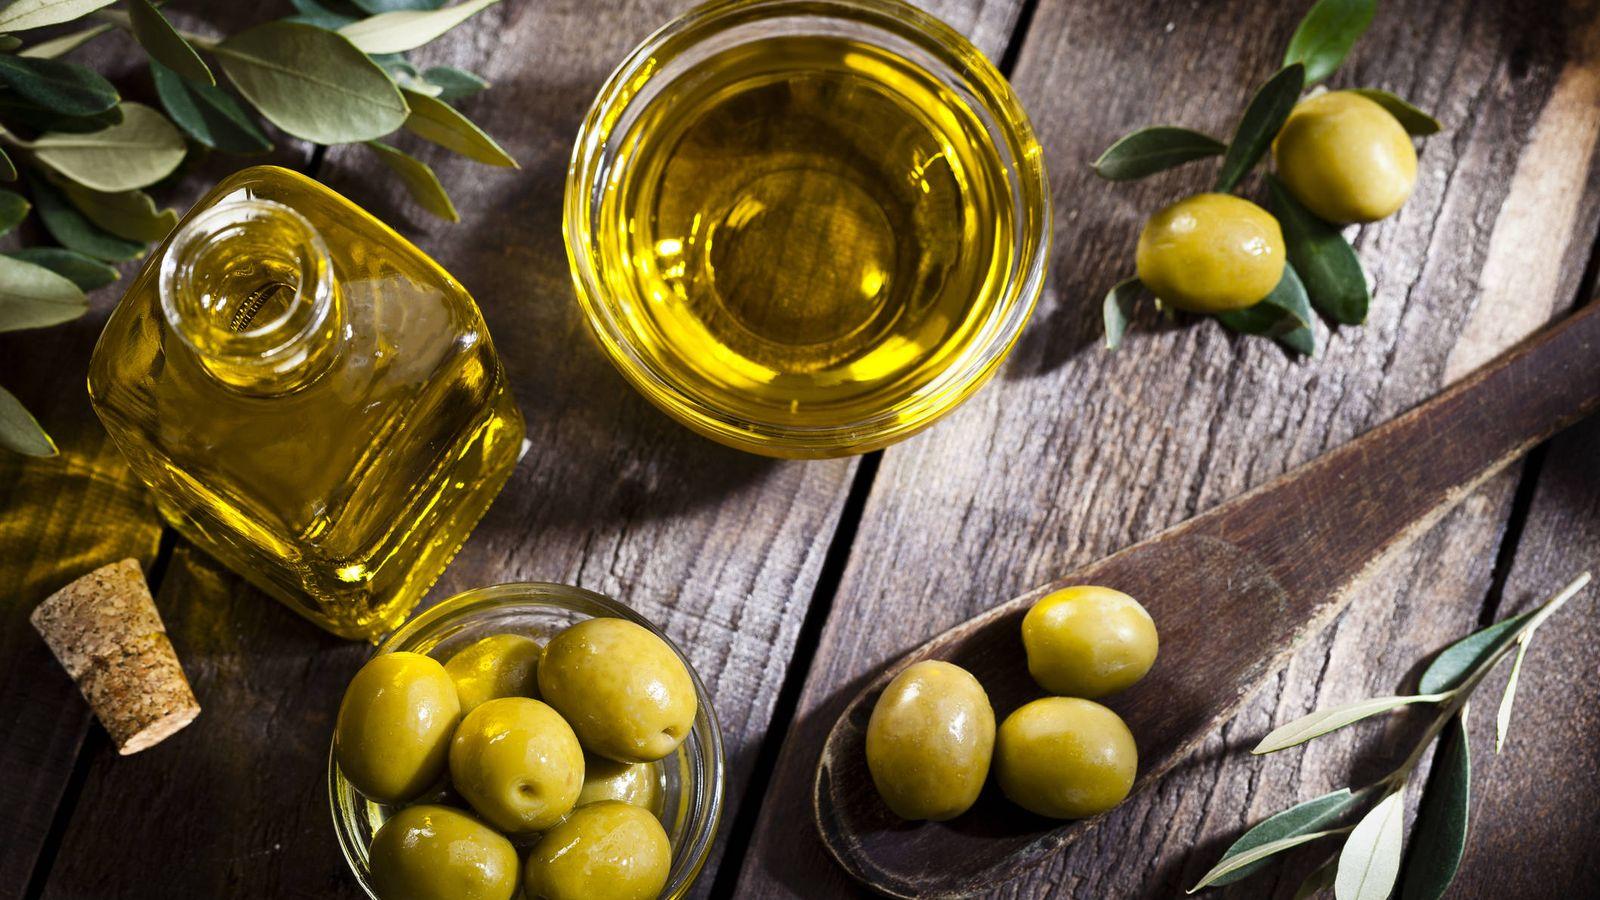 Alimentos: Aceite de oliva: por qué sigue siendo el rey de la gastronomía